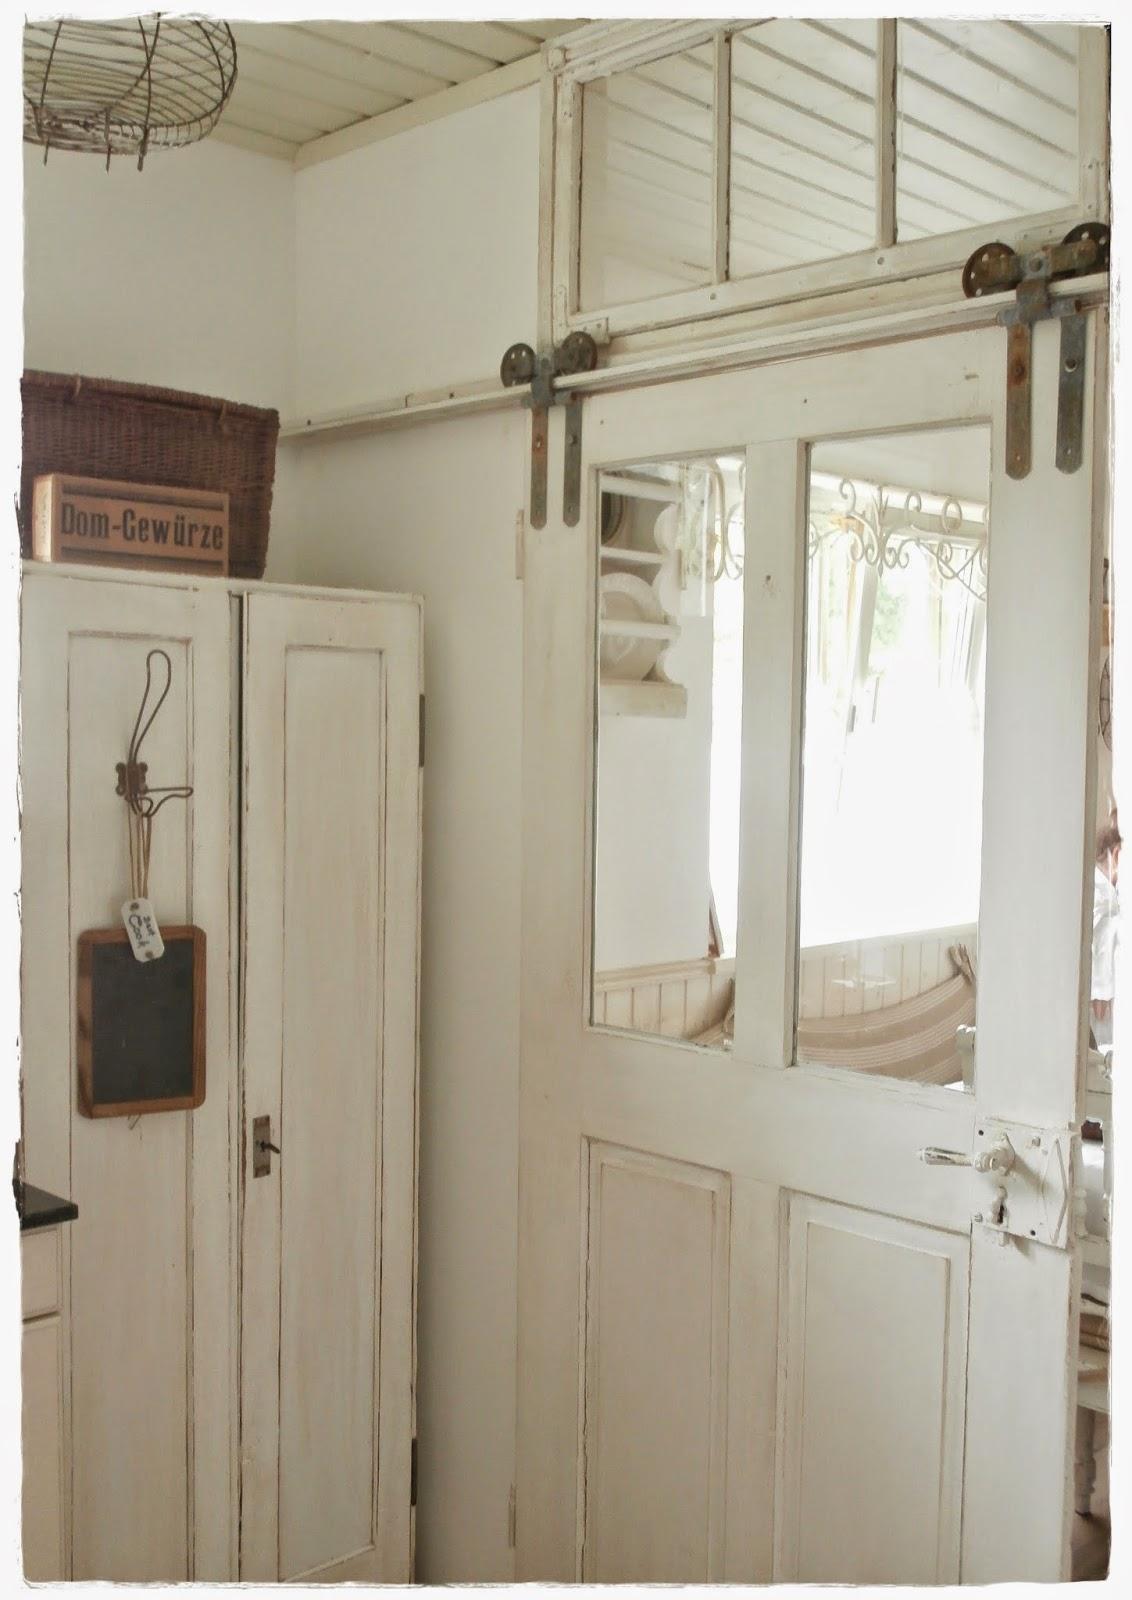 rot grau schwarz streichen. Black Bedroom Furniture Sets. Home Design Ideas